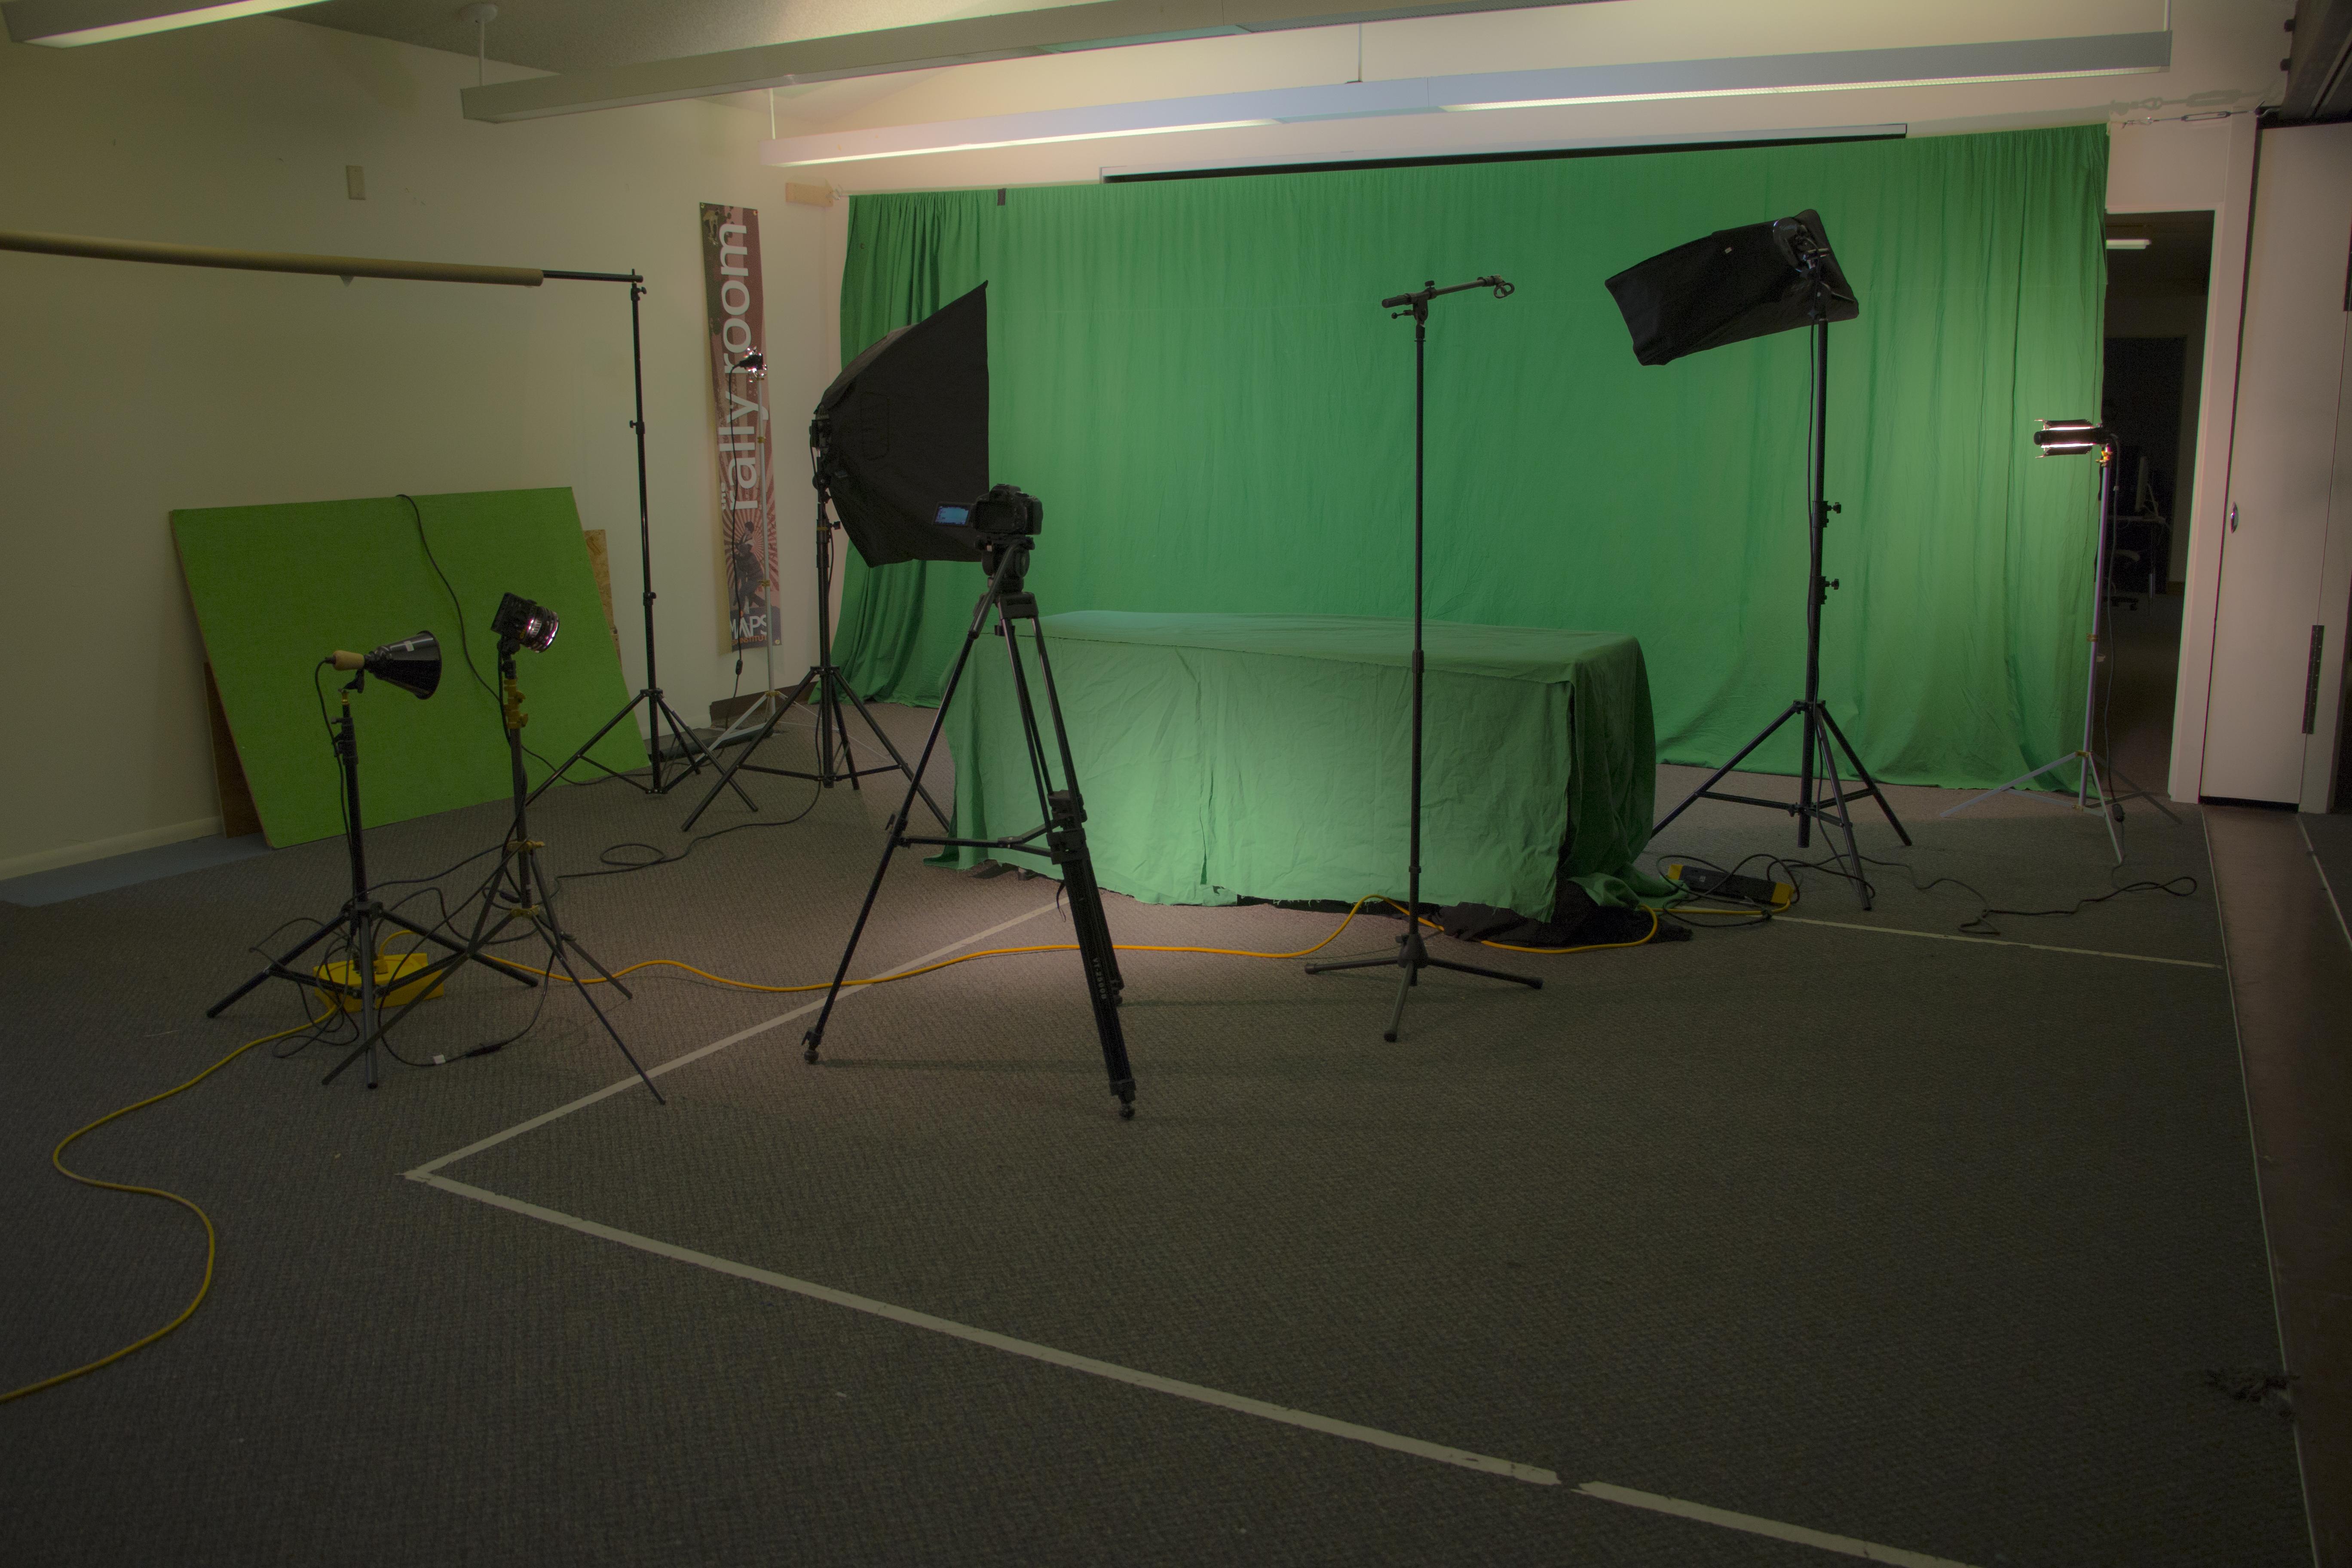 Greeen Screen studio